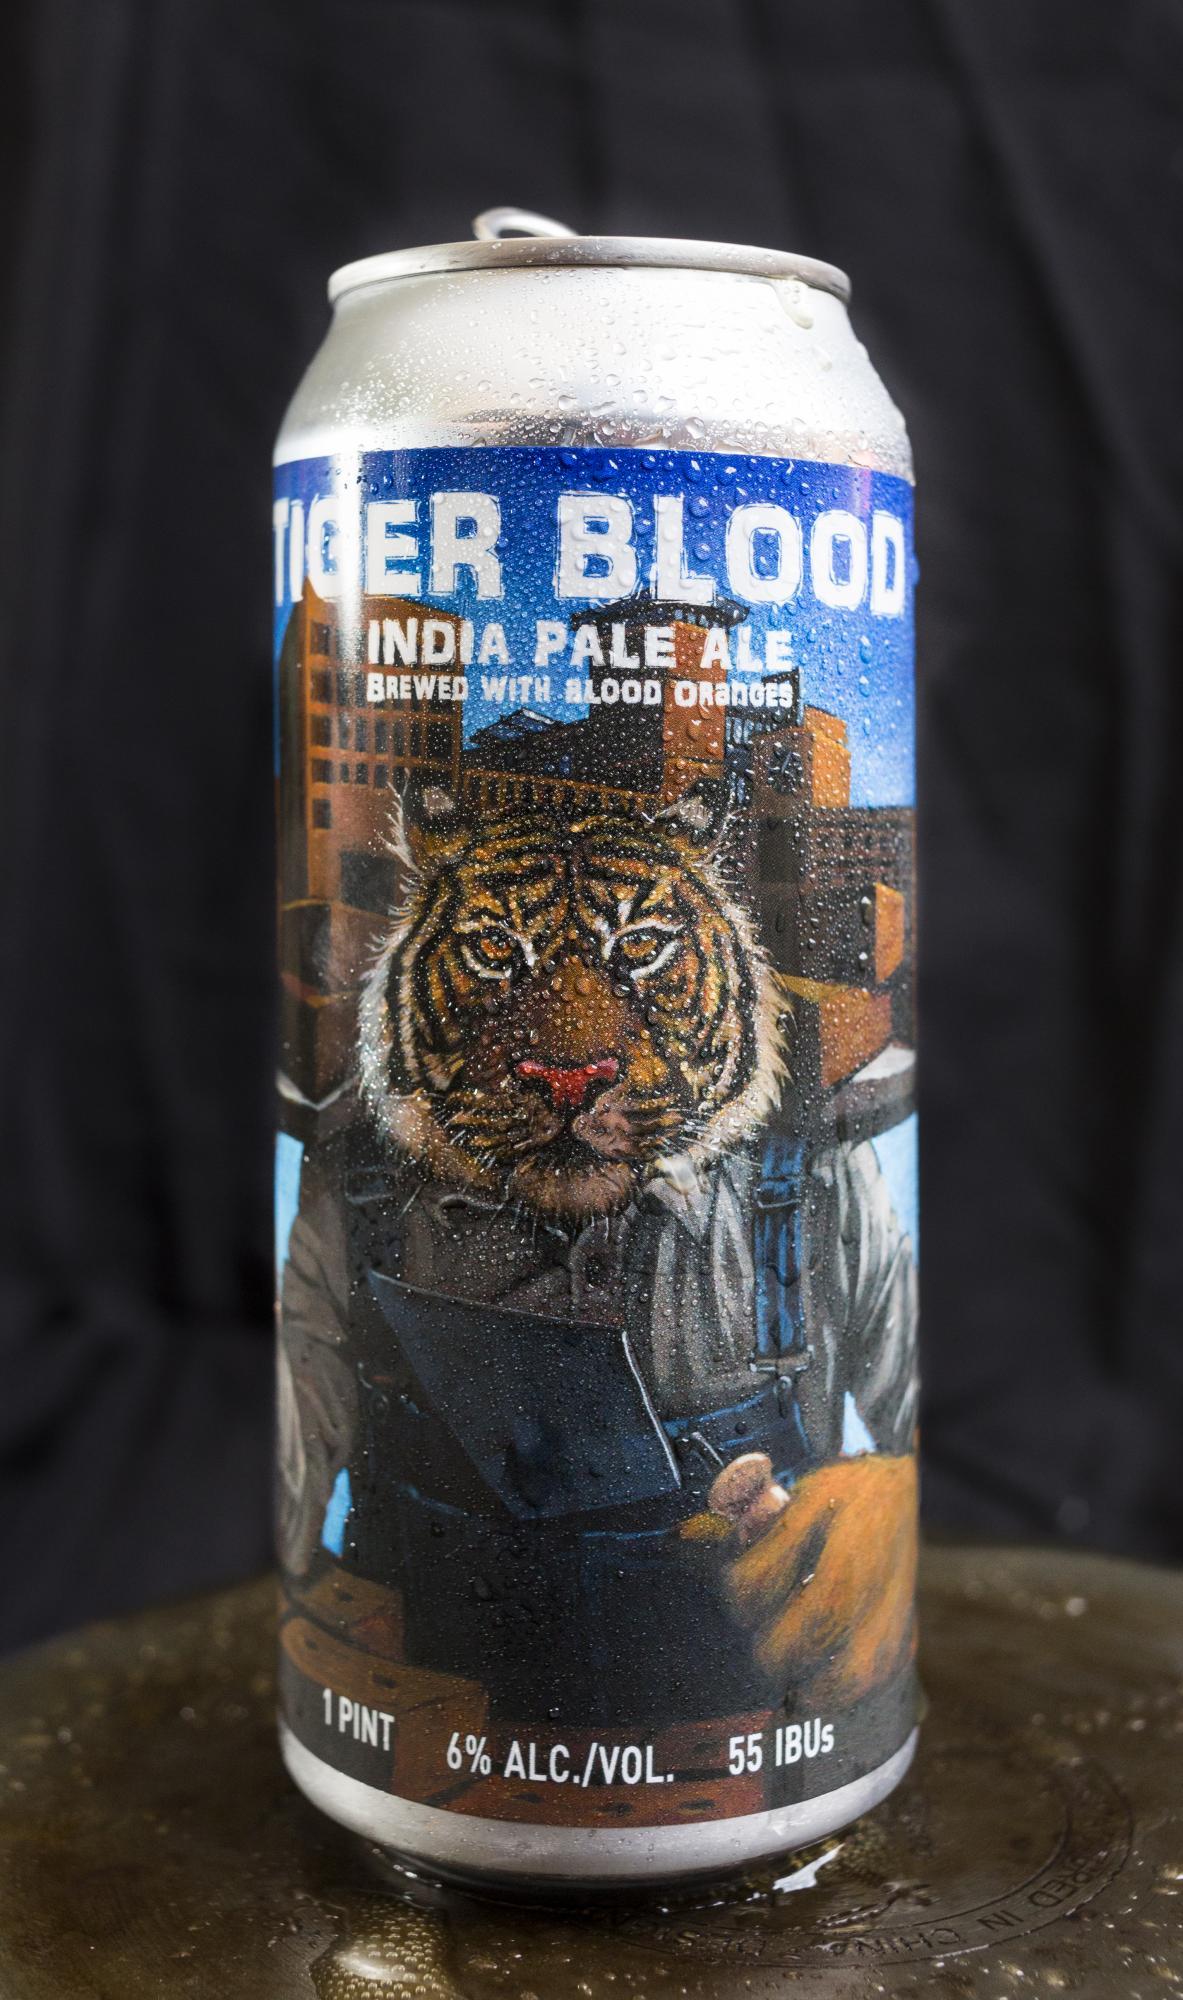 Tiger Blood IPA. Photo by Rebekah Hange